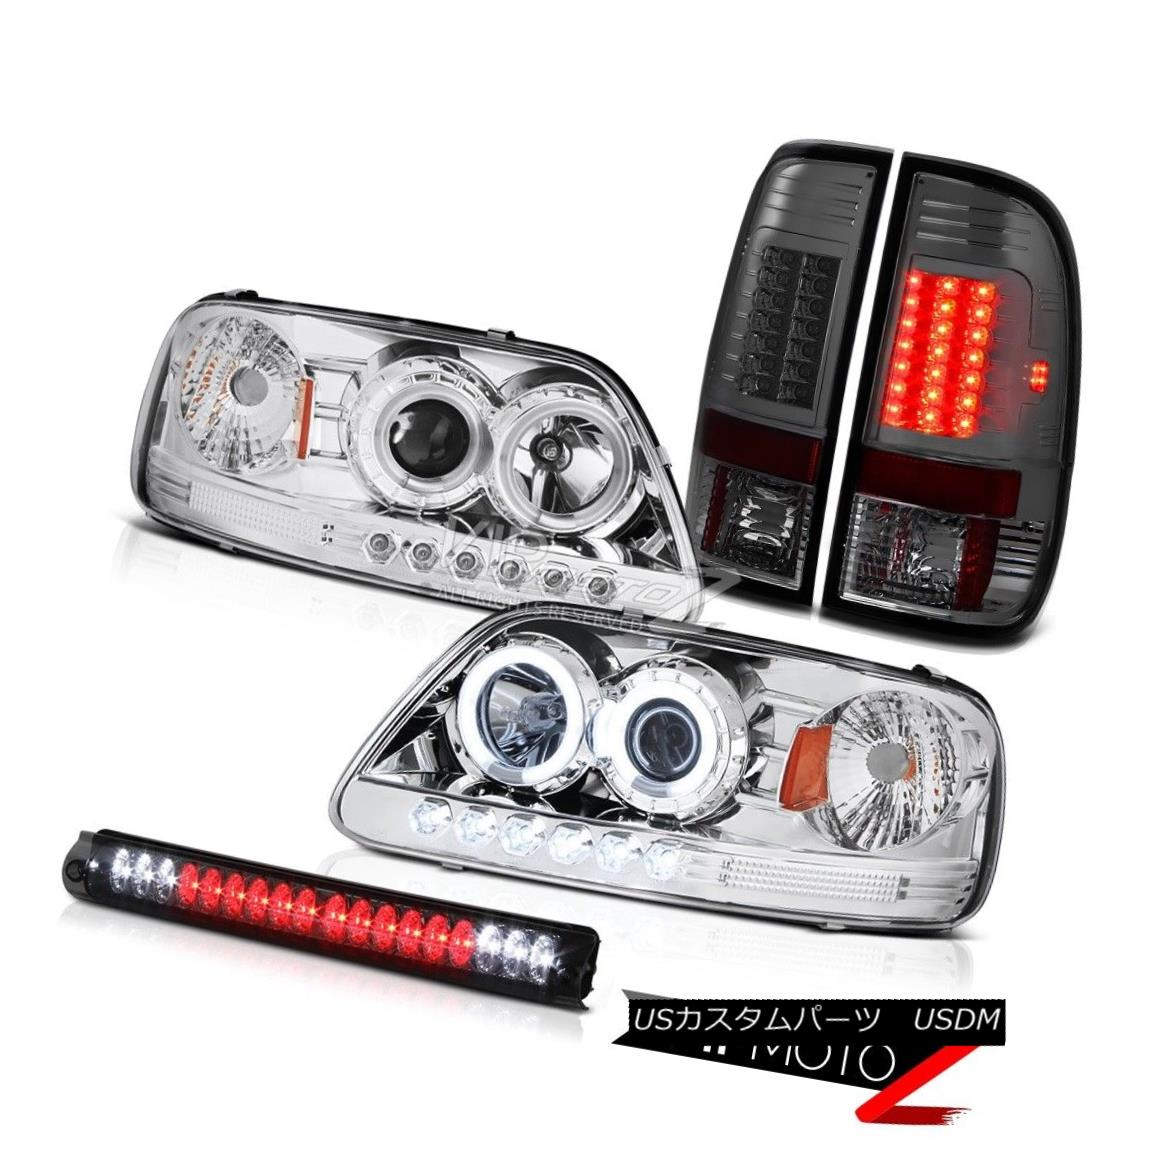 ヘッドライト Headlight CCFL Halo 1997-2003 F150 SVT Smoke LED Taillight High Brake Cargo Lamp ヘッドライトCCFL Halo 1997-2003 F150 SVTスモークLEDテールライトハイブレーキ貨物ランプ